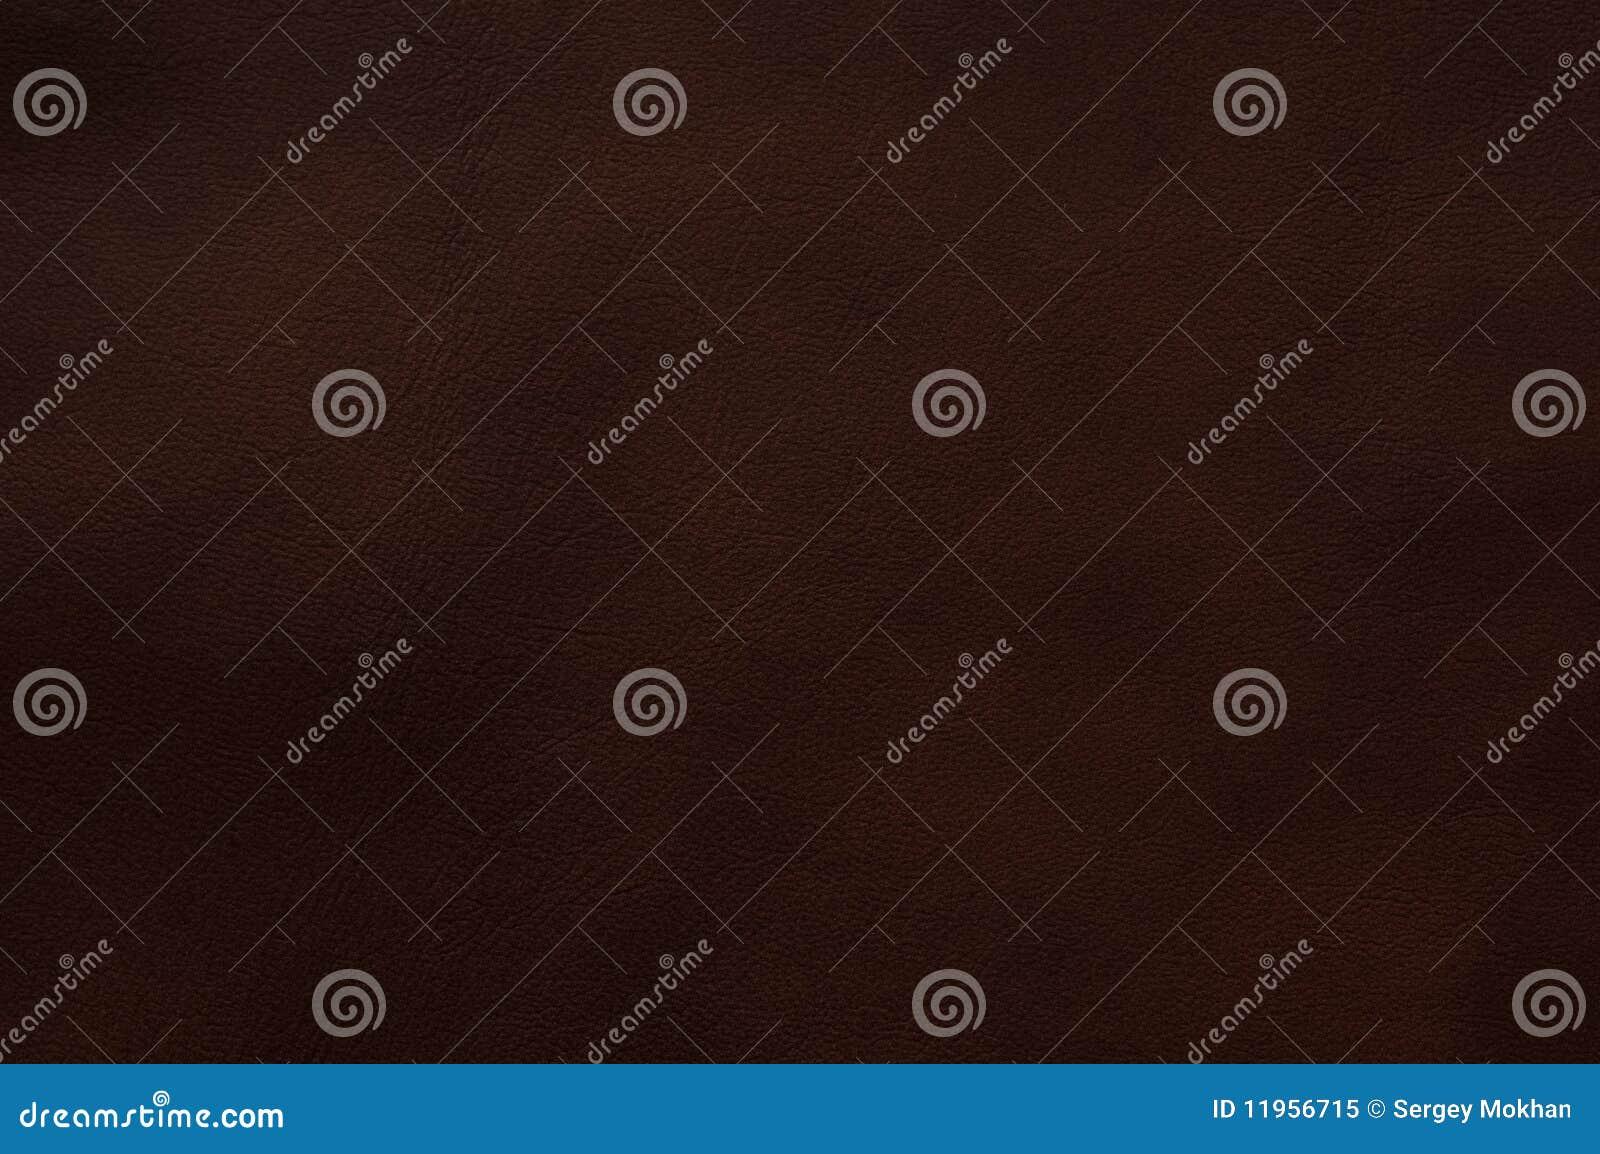 Cuoio Di Colore Marrone Scuro Fotografia Stock Libera da